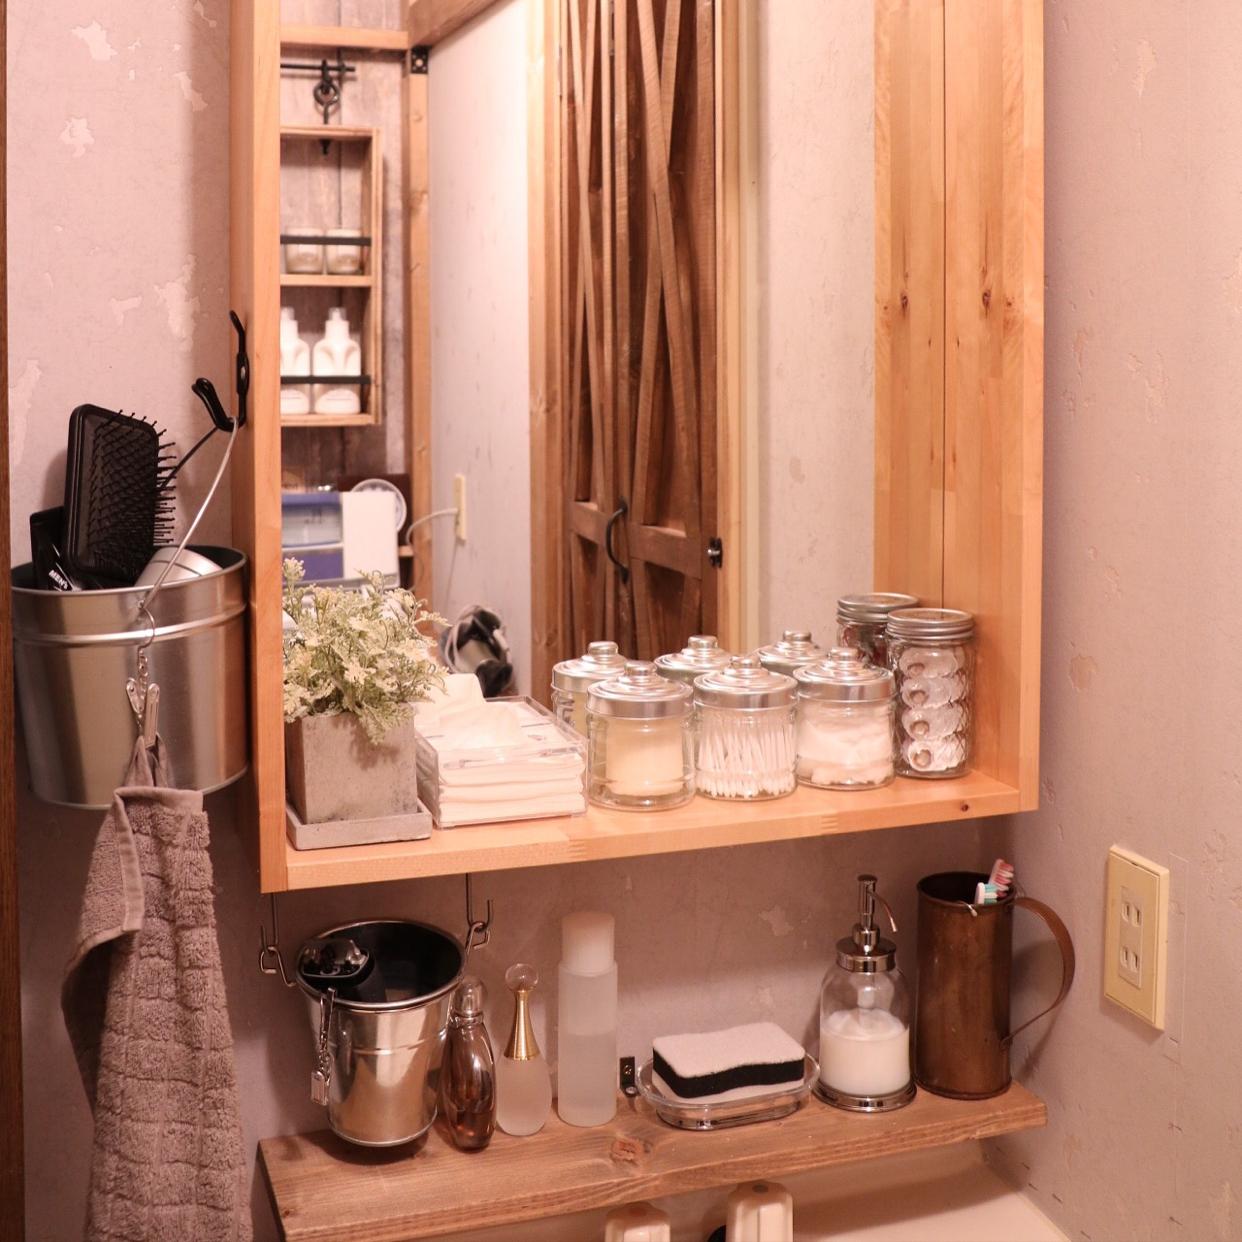 洗面台をもっと機能的に!DIY&便利アイテムまとめ | RoomClip mag | 暮らしとインテリアのwebマガジン